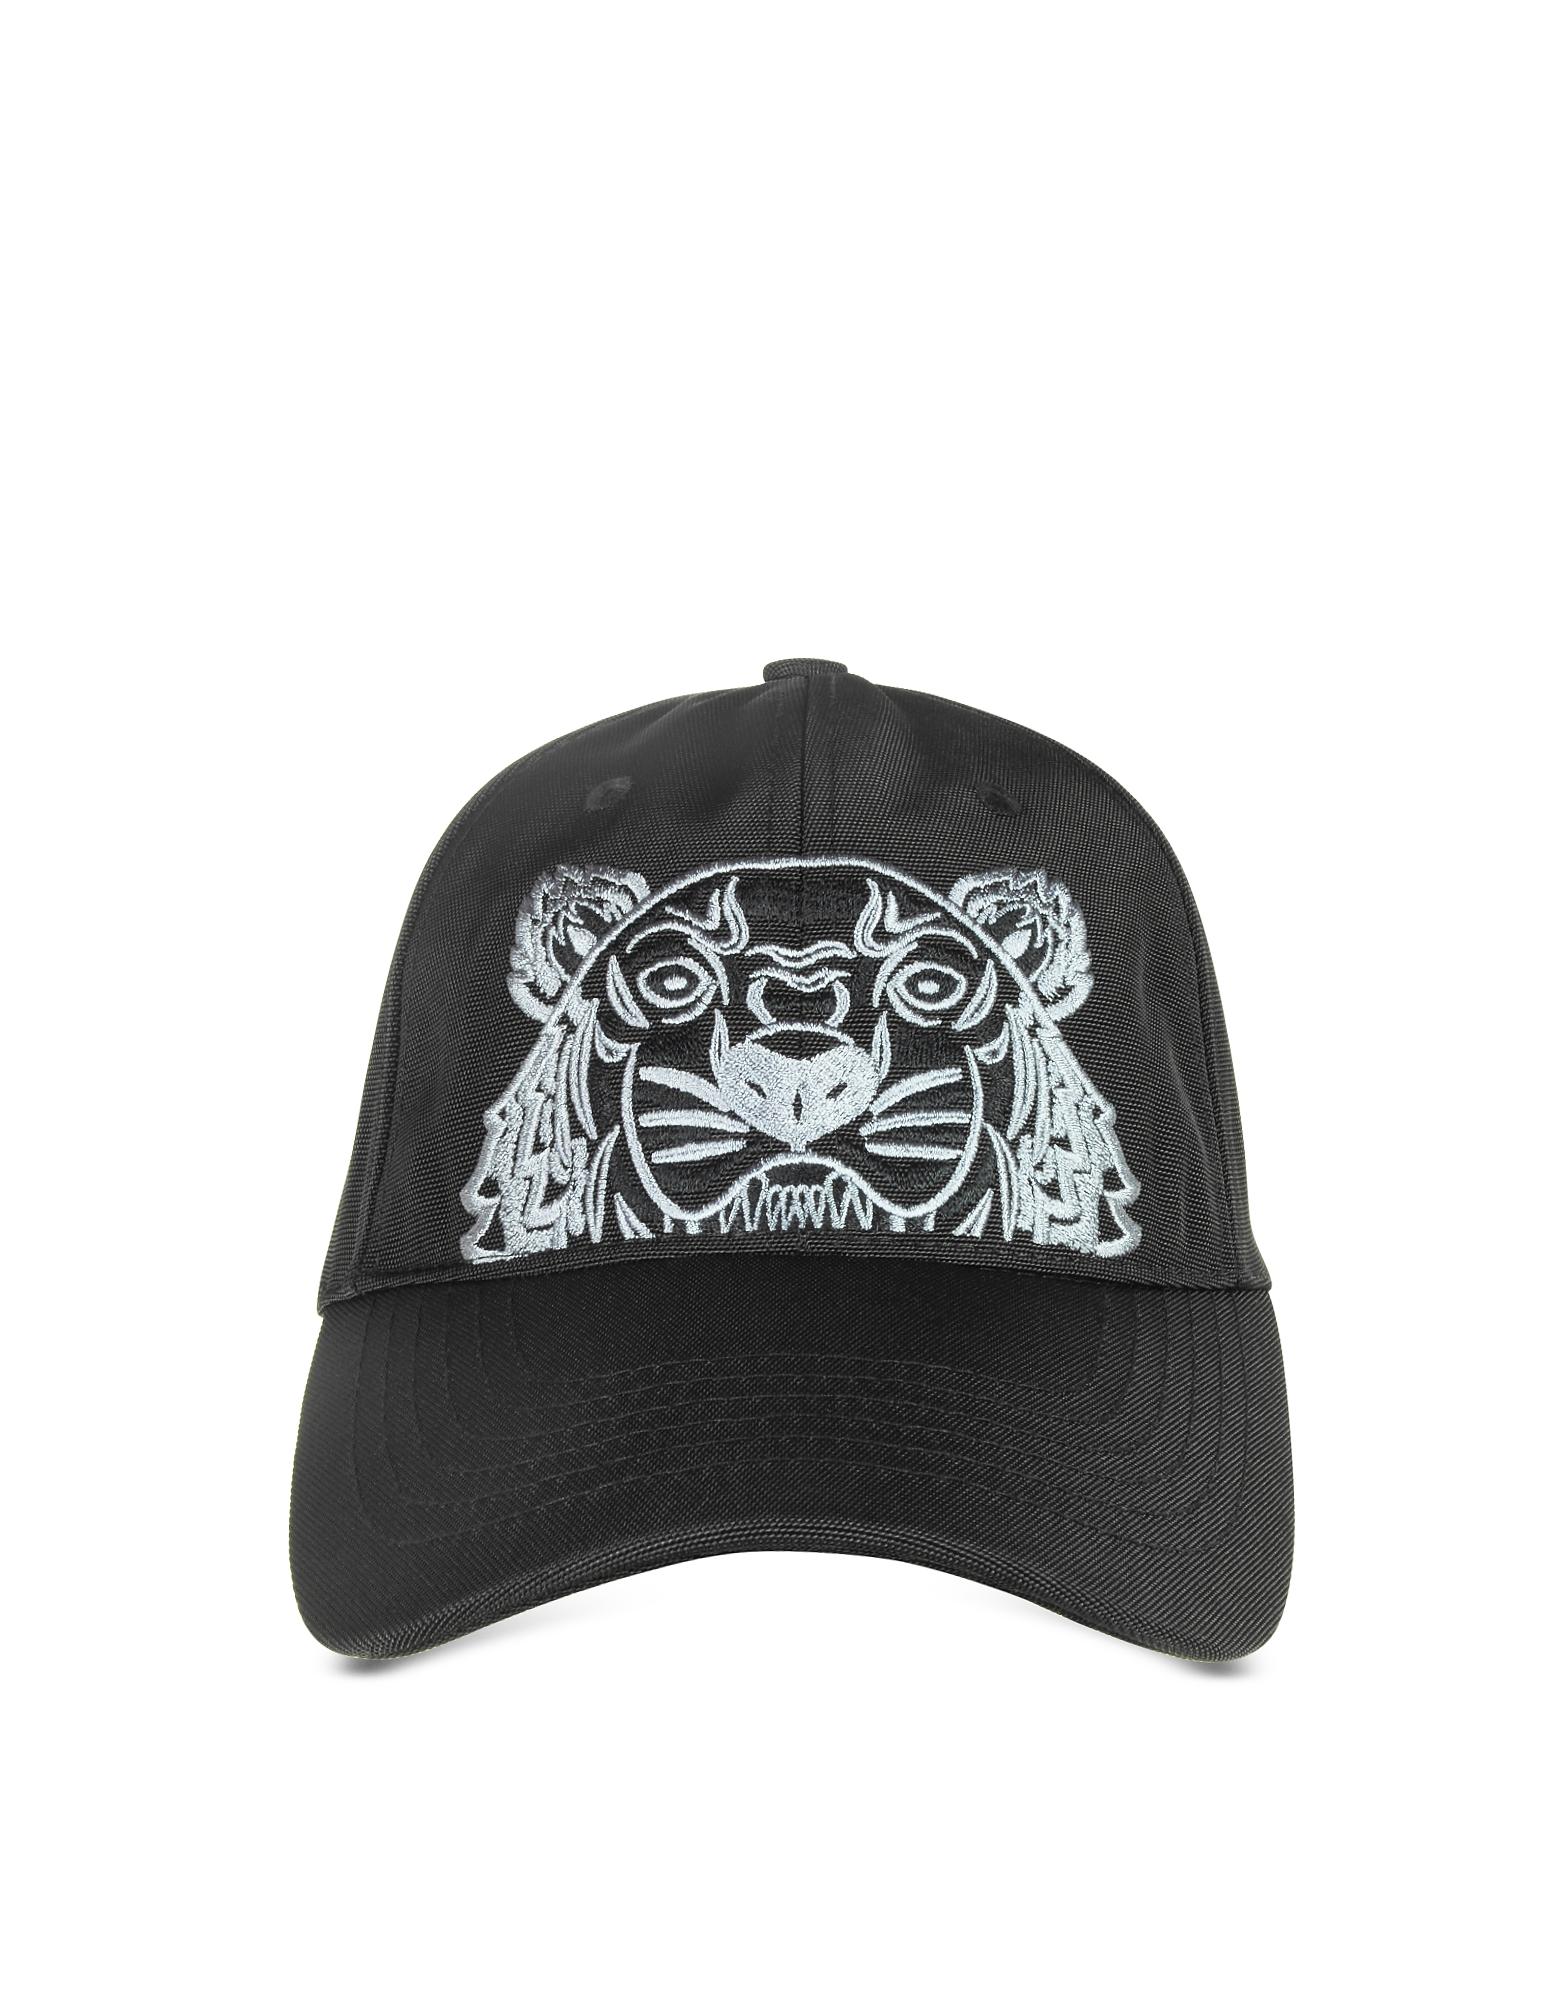 Kenzo Men's Hats, Black Canvas Tiger Baseball Cap